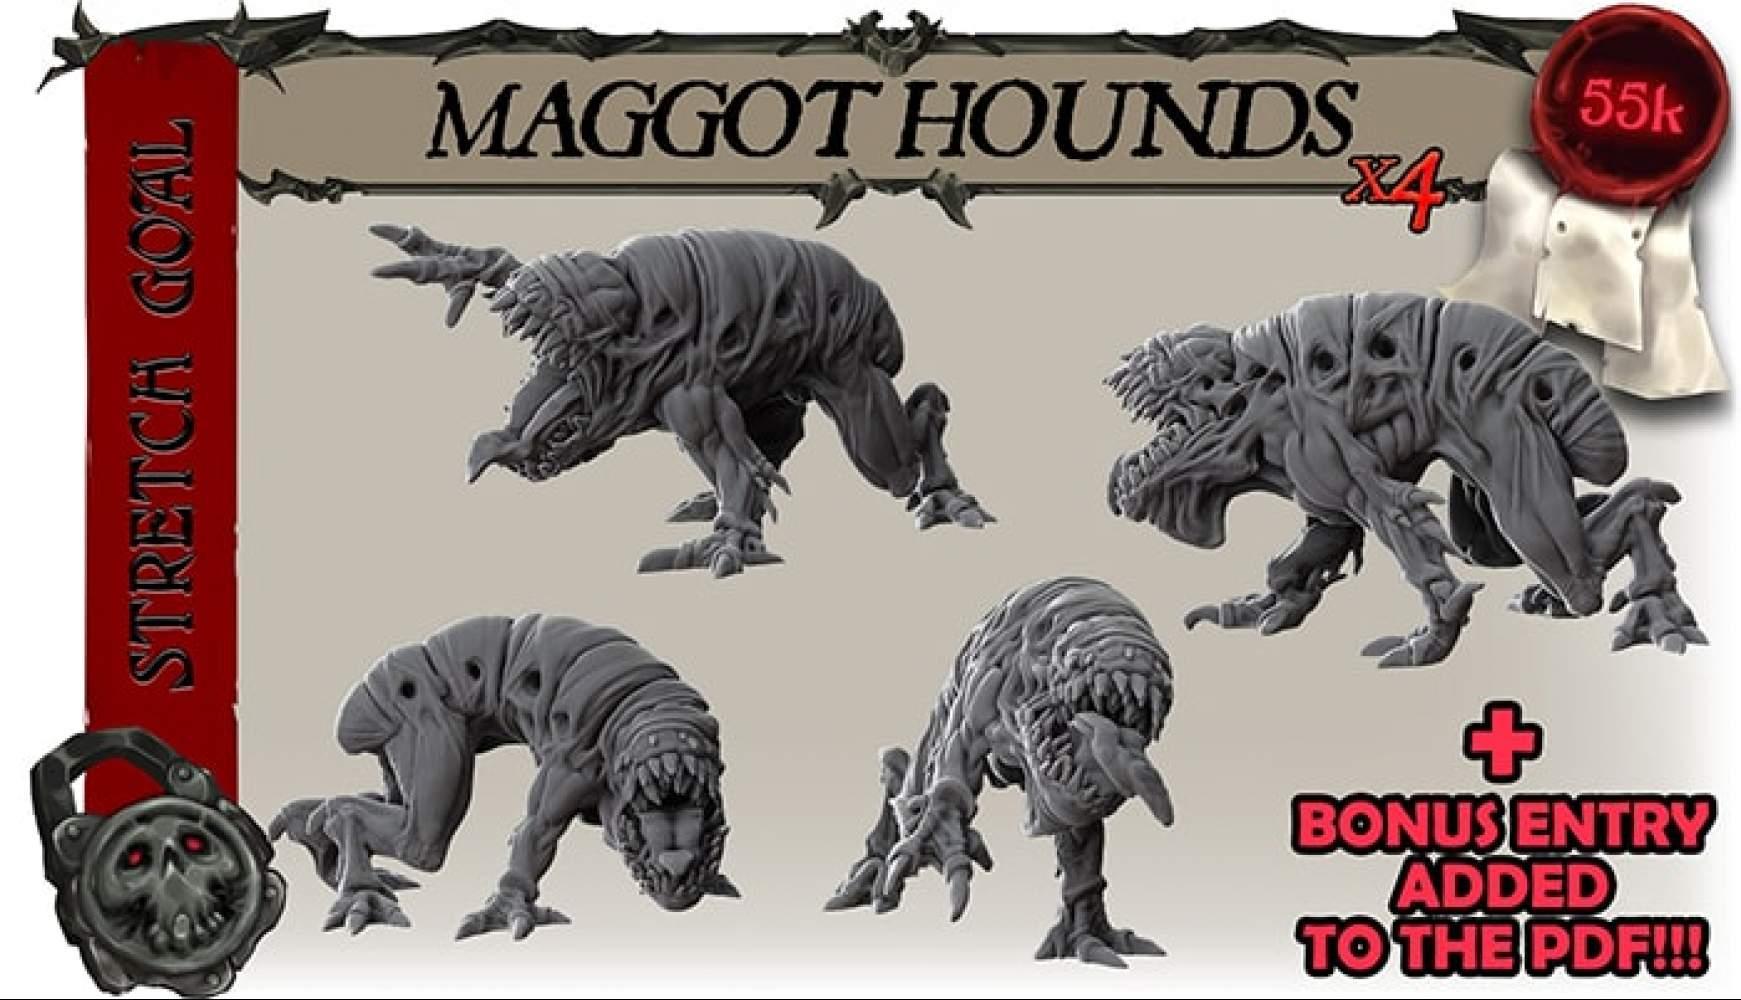 MAGGOT HOUNDS